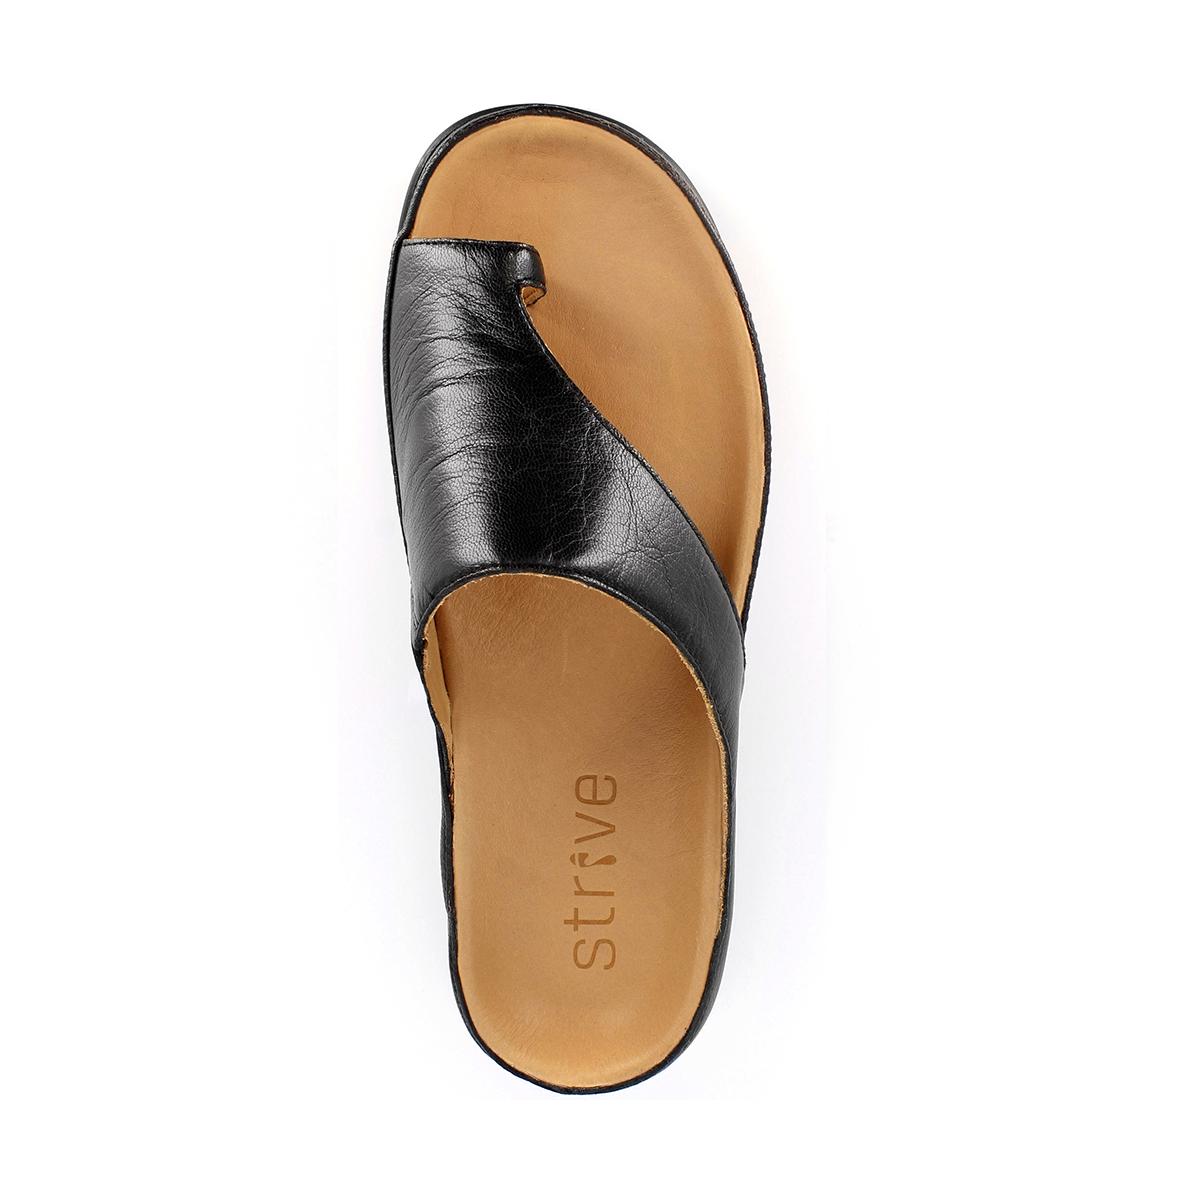 足が疲れにくい、独自開発の立体インソールで、スニーカーみたいに歩き回れる「サンダル」|strive